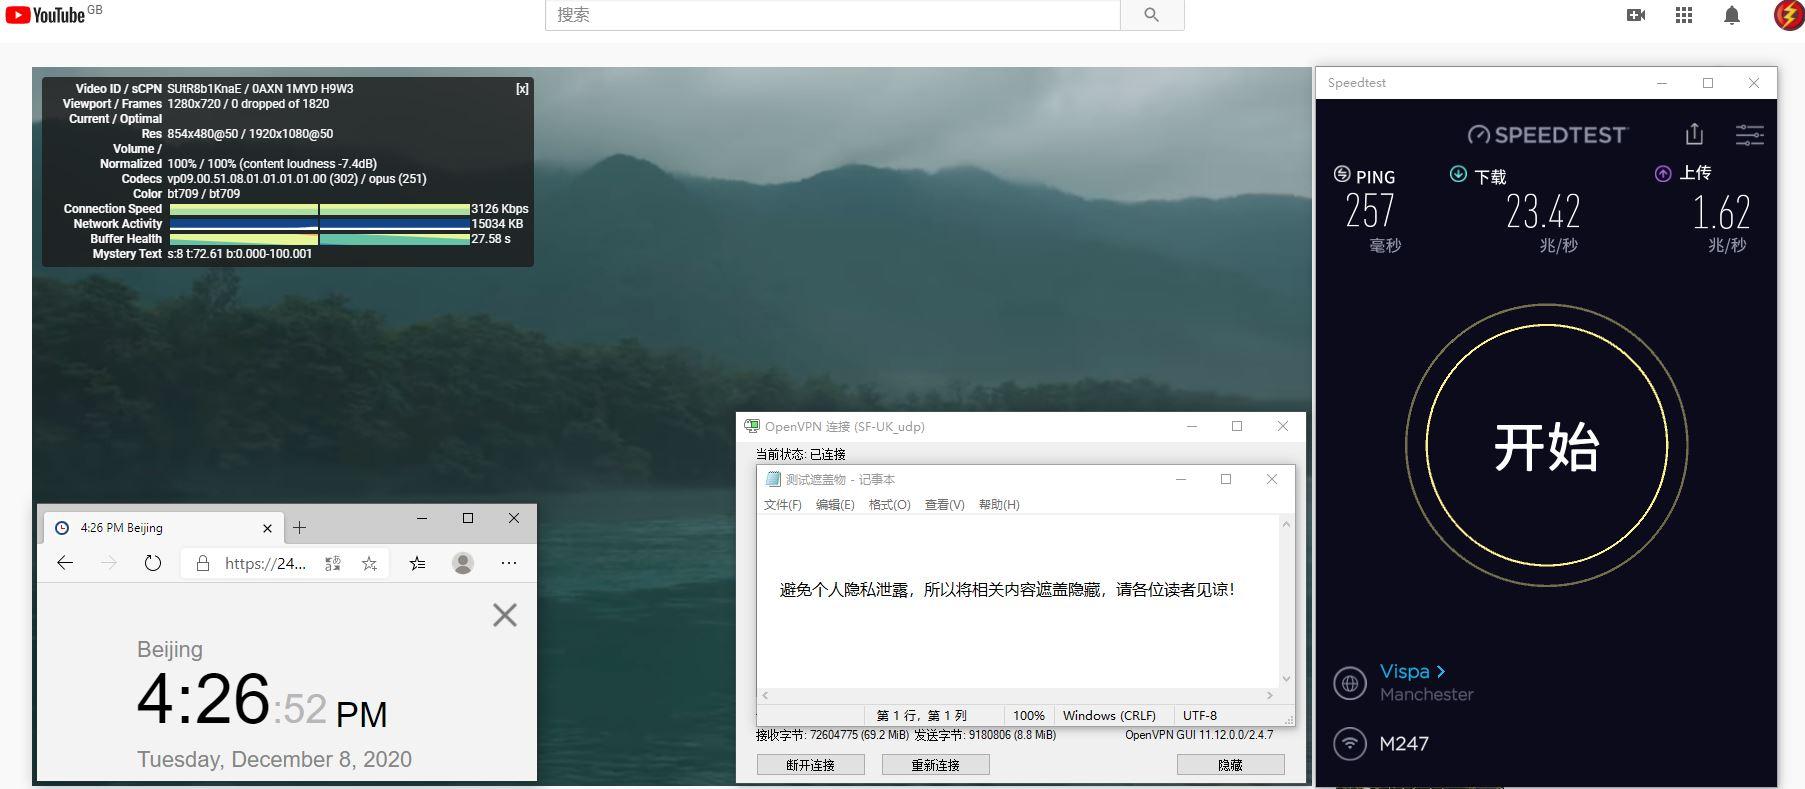 Windows10 SurfsharkVPN OpenVPN Gui UK 服务器 中国VPN 翻墙 科学上网 测试 - 20201208